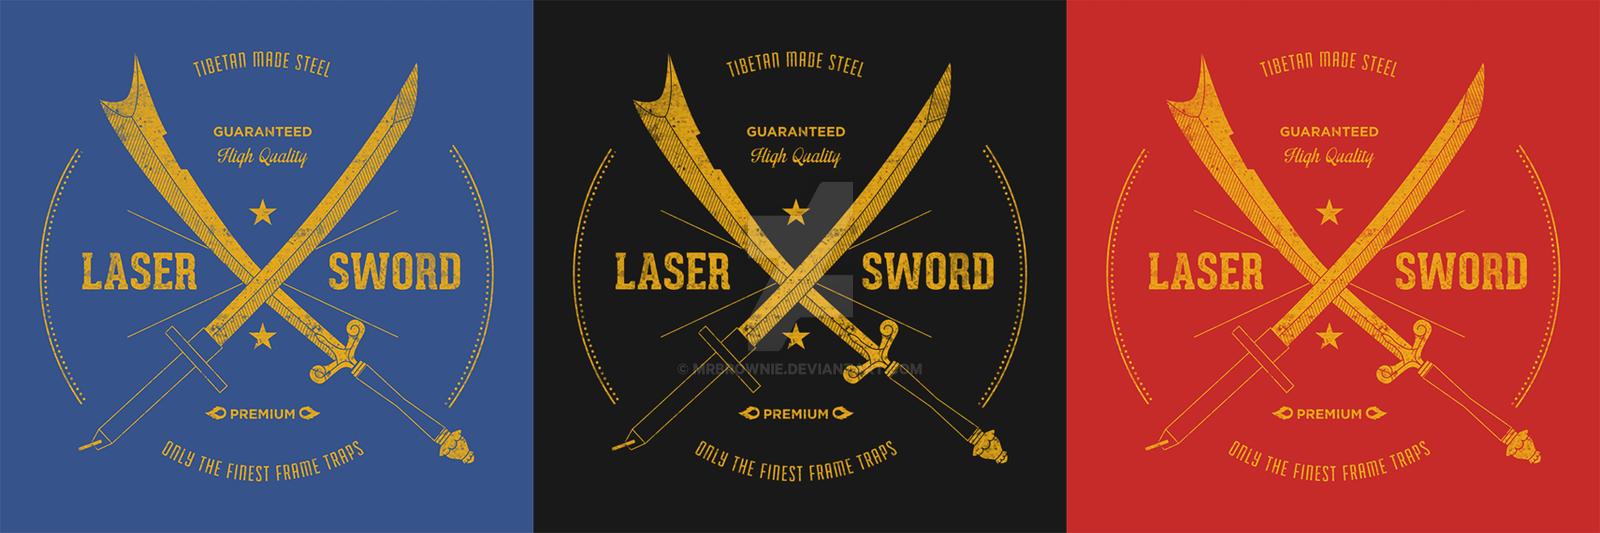 Tibetan Steel Laser Sword T-shirt by mrbrownie